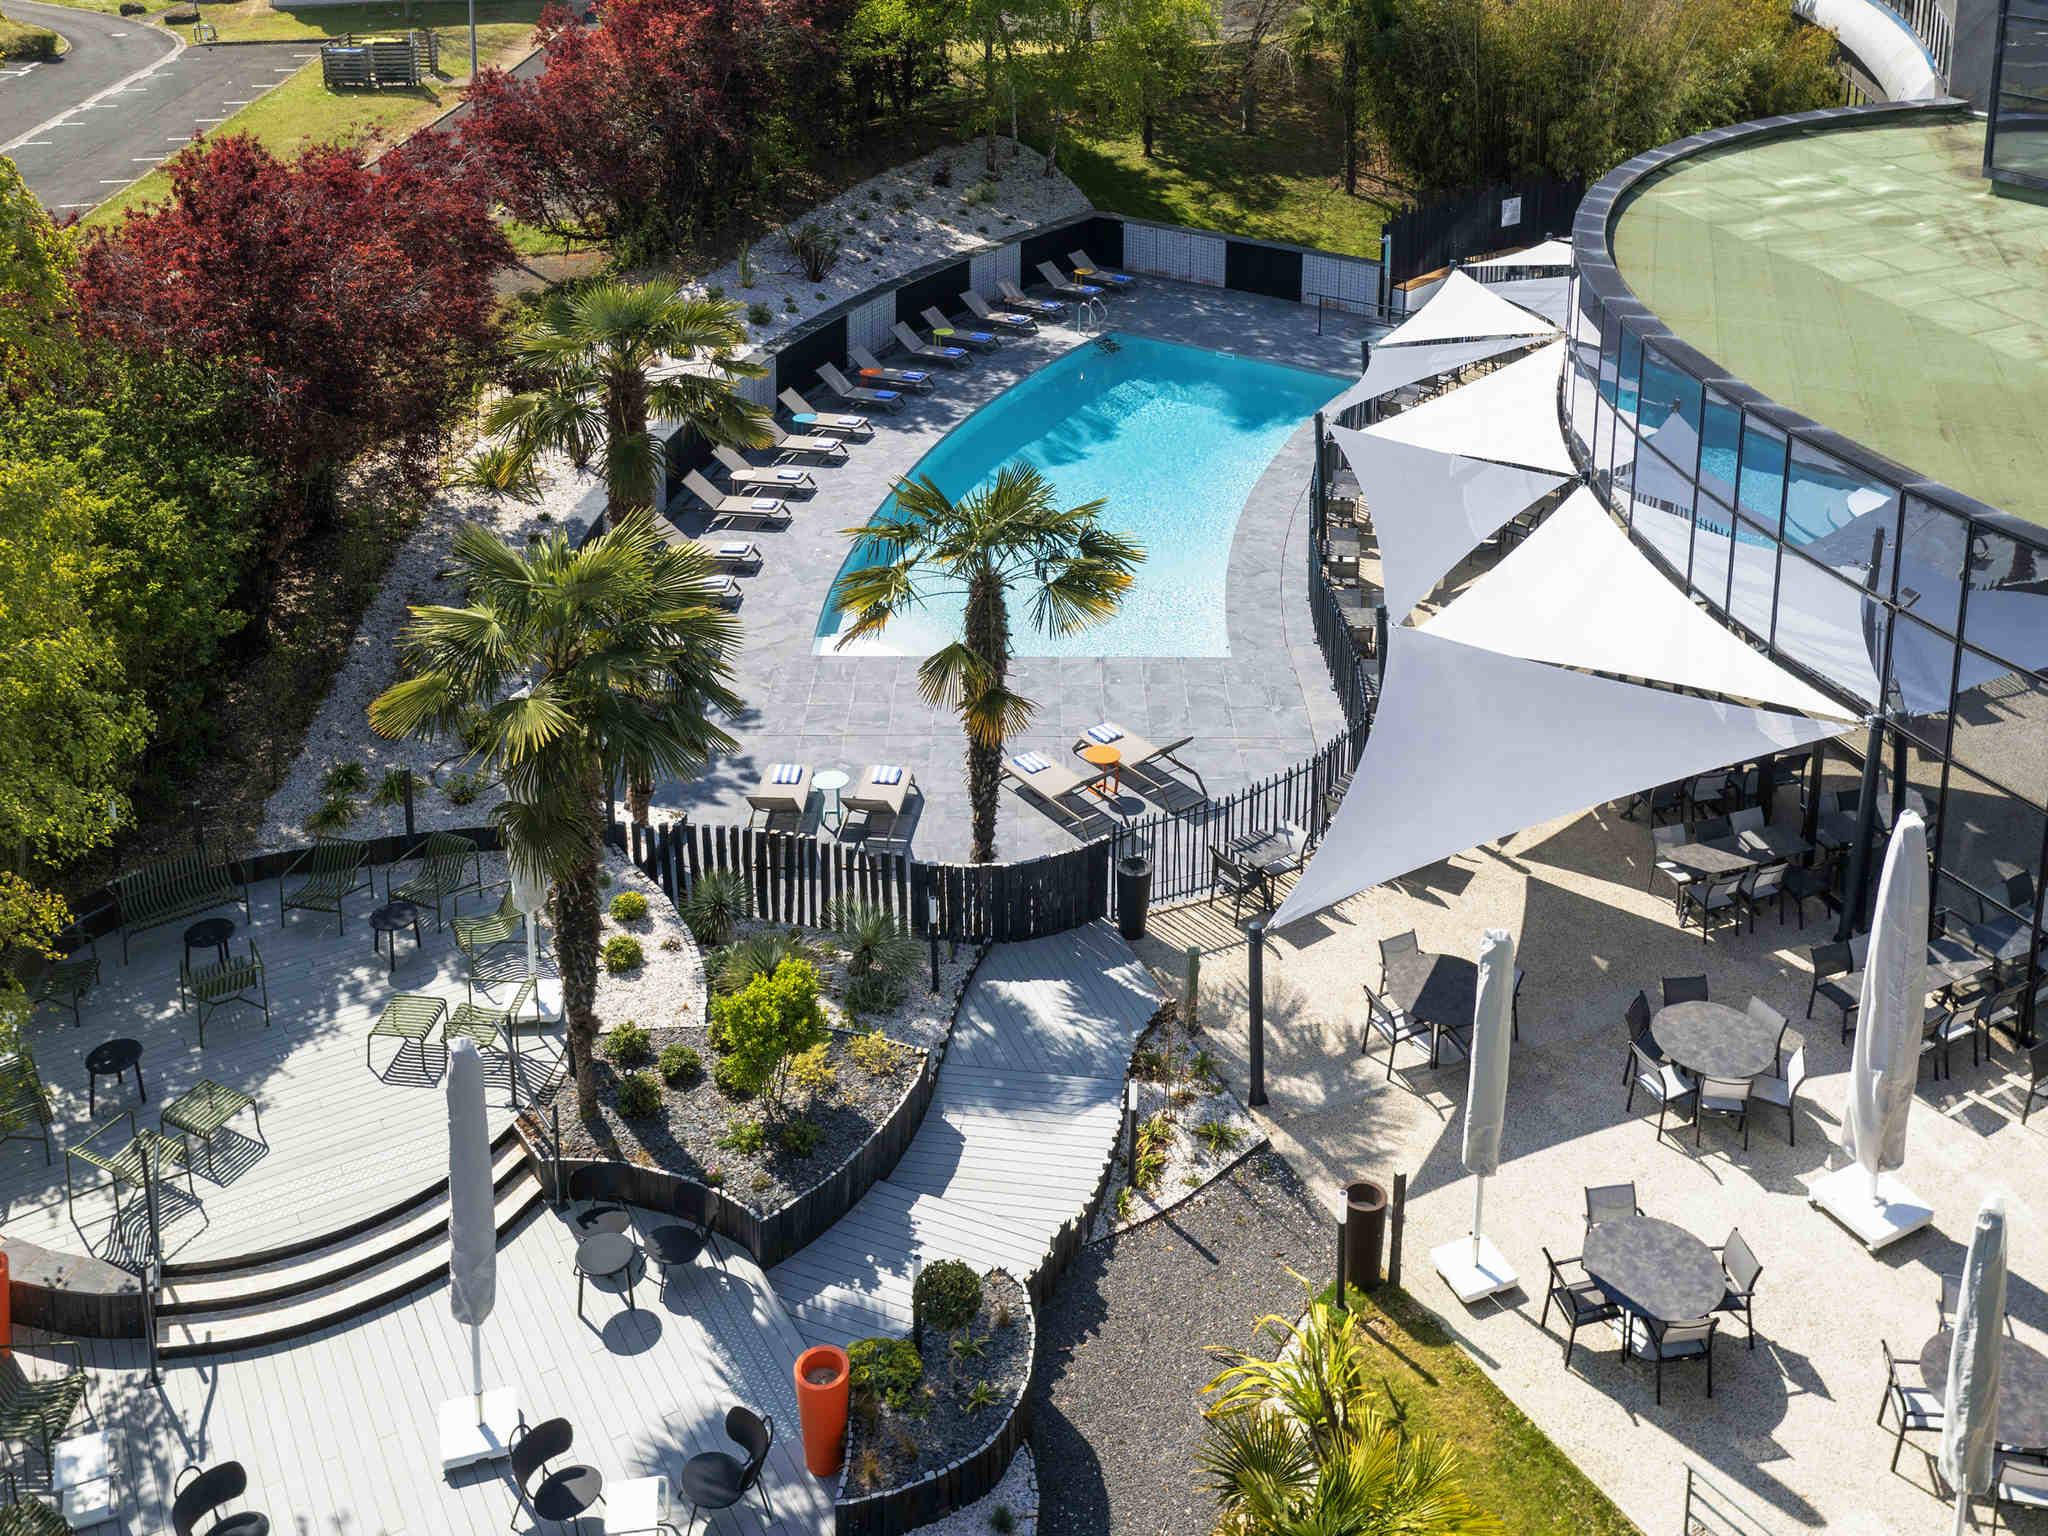 โรงแรม – Novotel Poitiers Site du Futuroscope